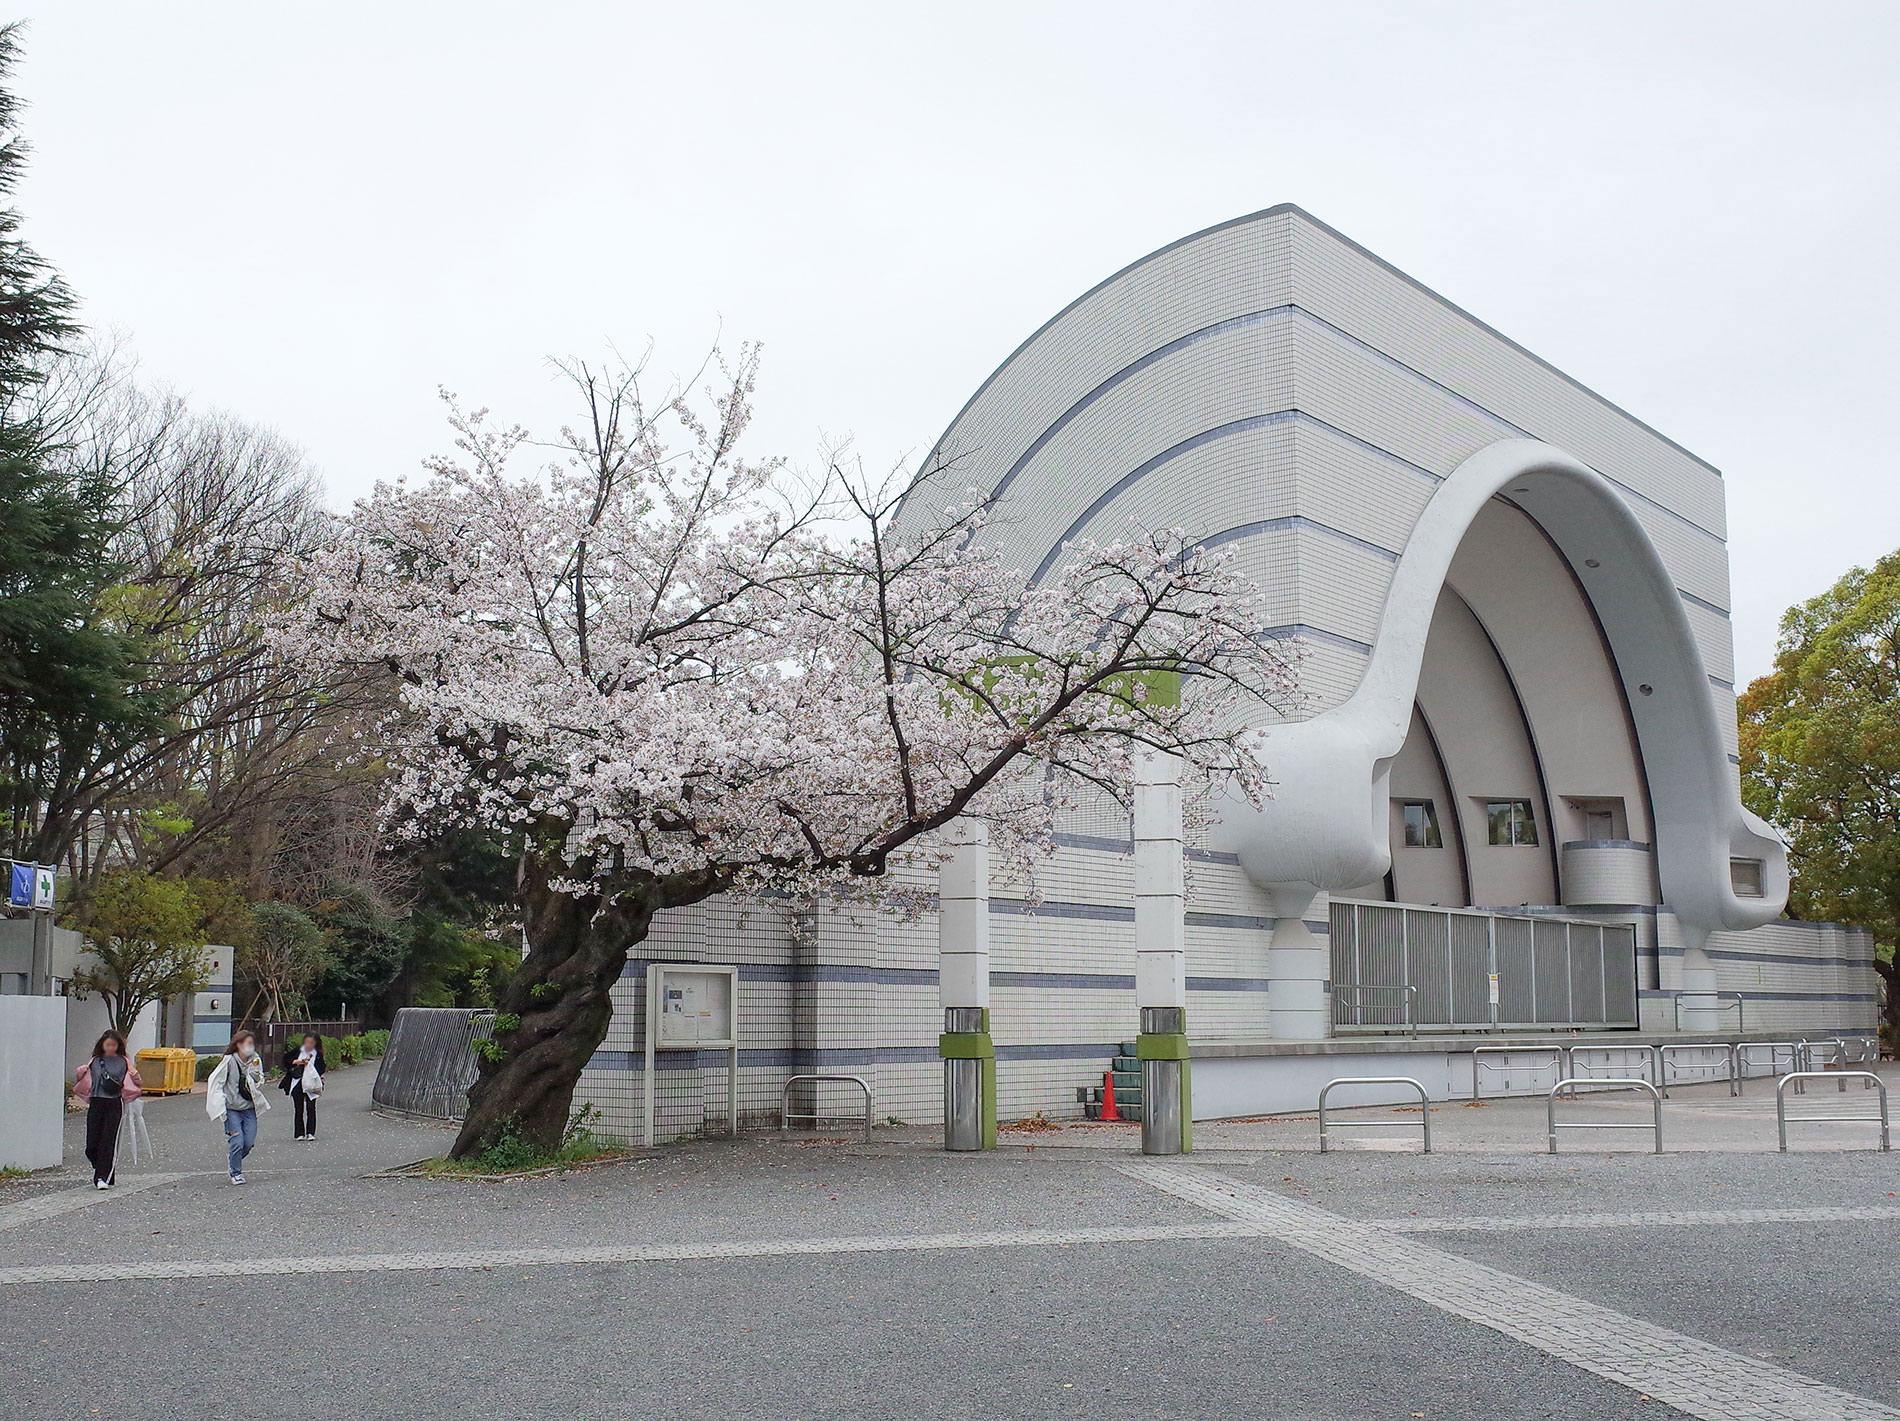 桜 2020 / Cherry Blossom Shibuya Tokyo 2020